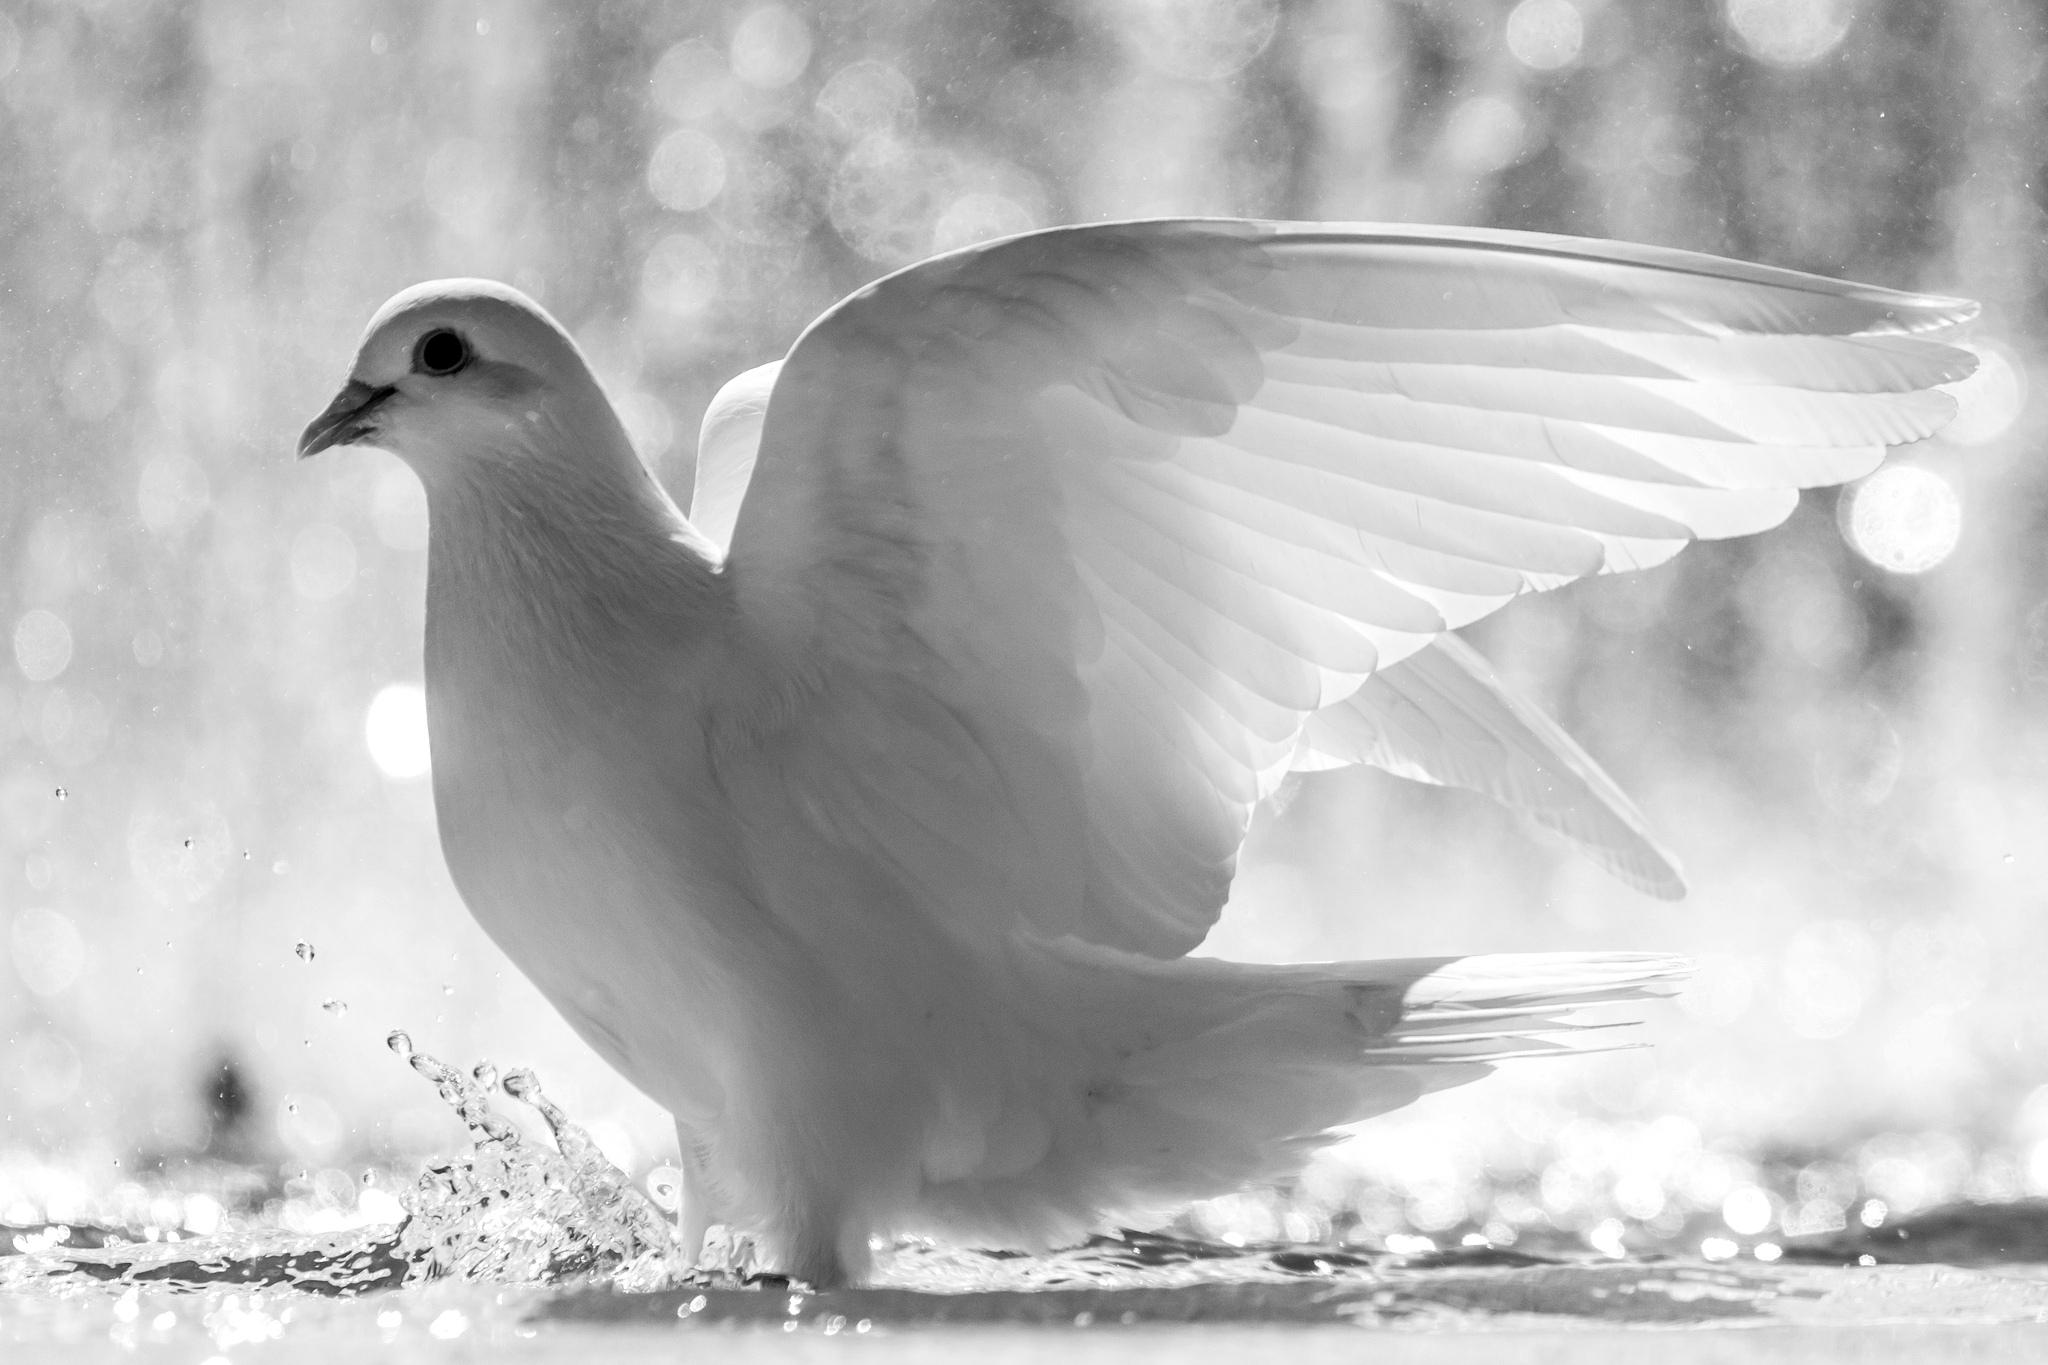 природа белые птицы ветка голуби  № 592616 загрузить